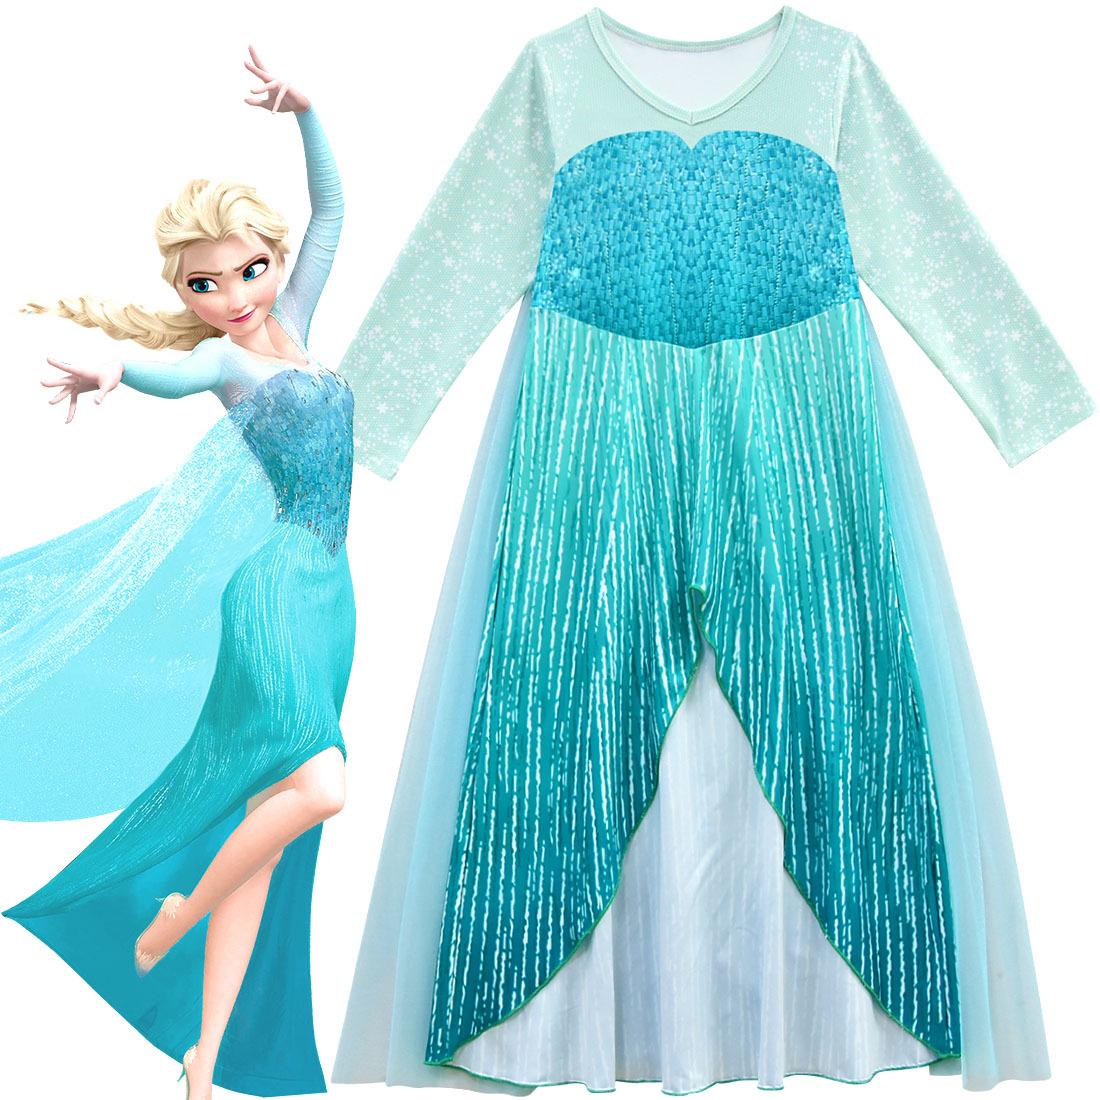 新款冰雪奇缘2公主裙艾莎女王同款礼服网纱披风连衣裙表演服安娜